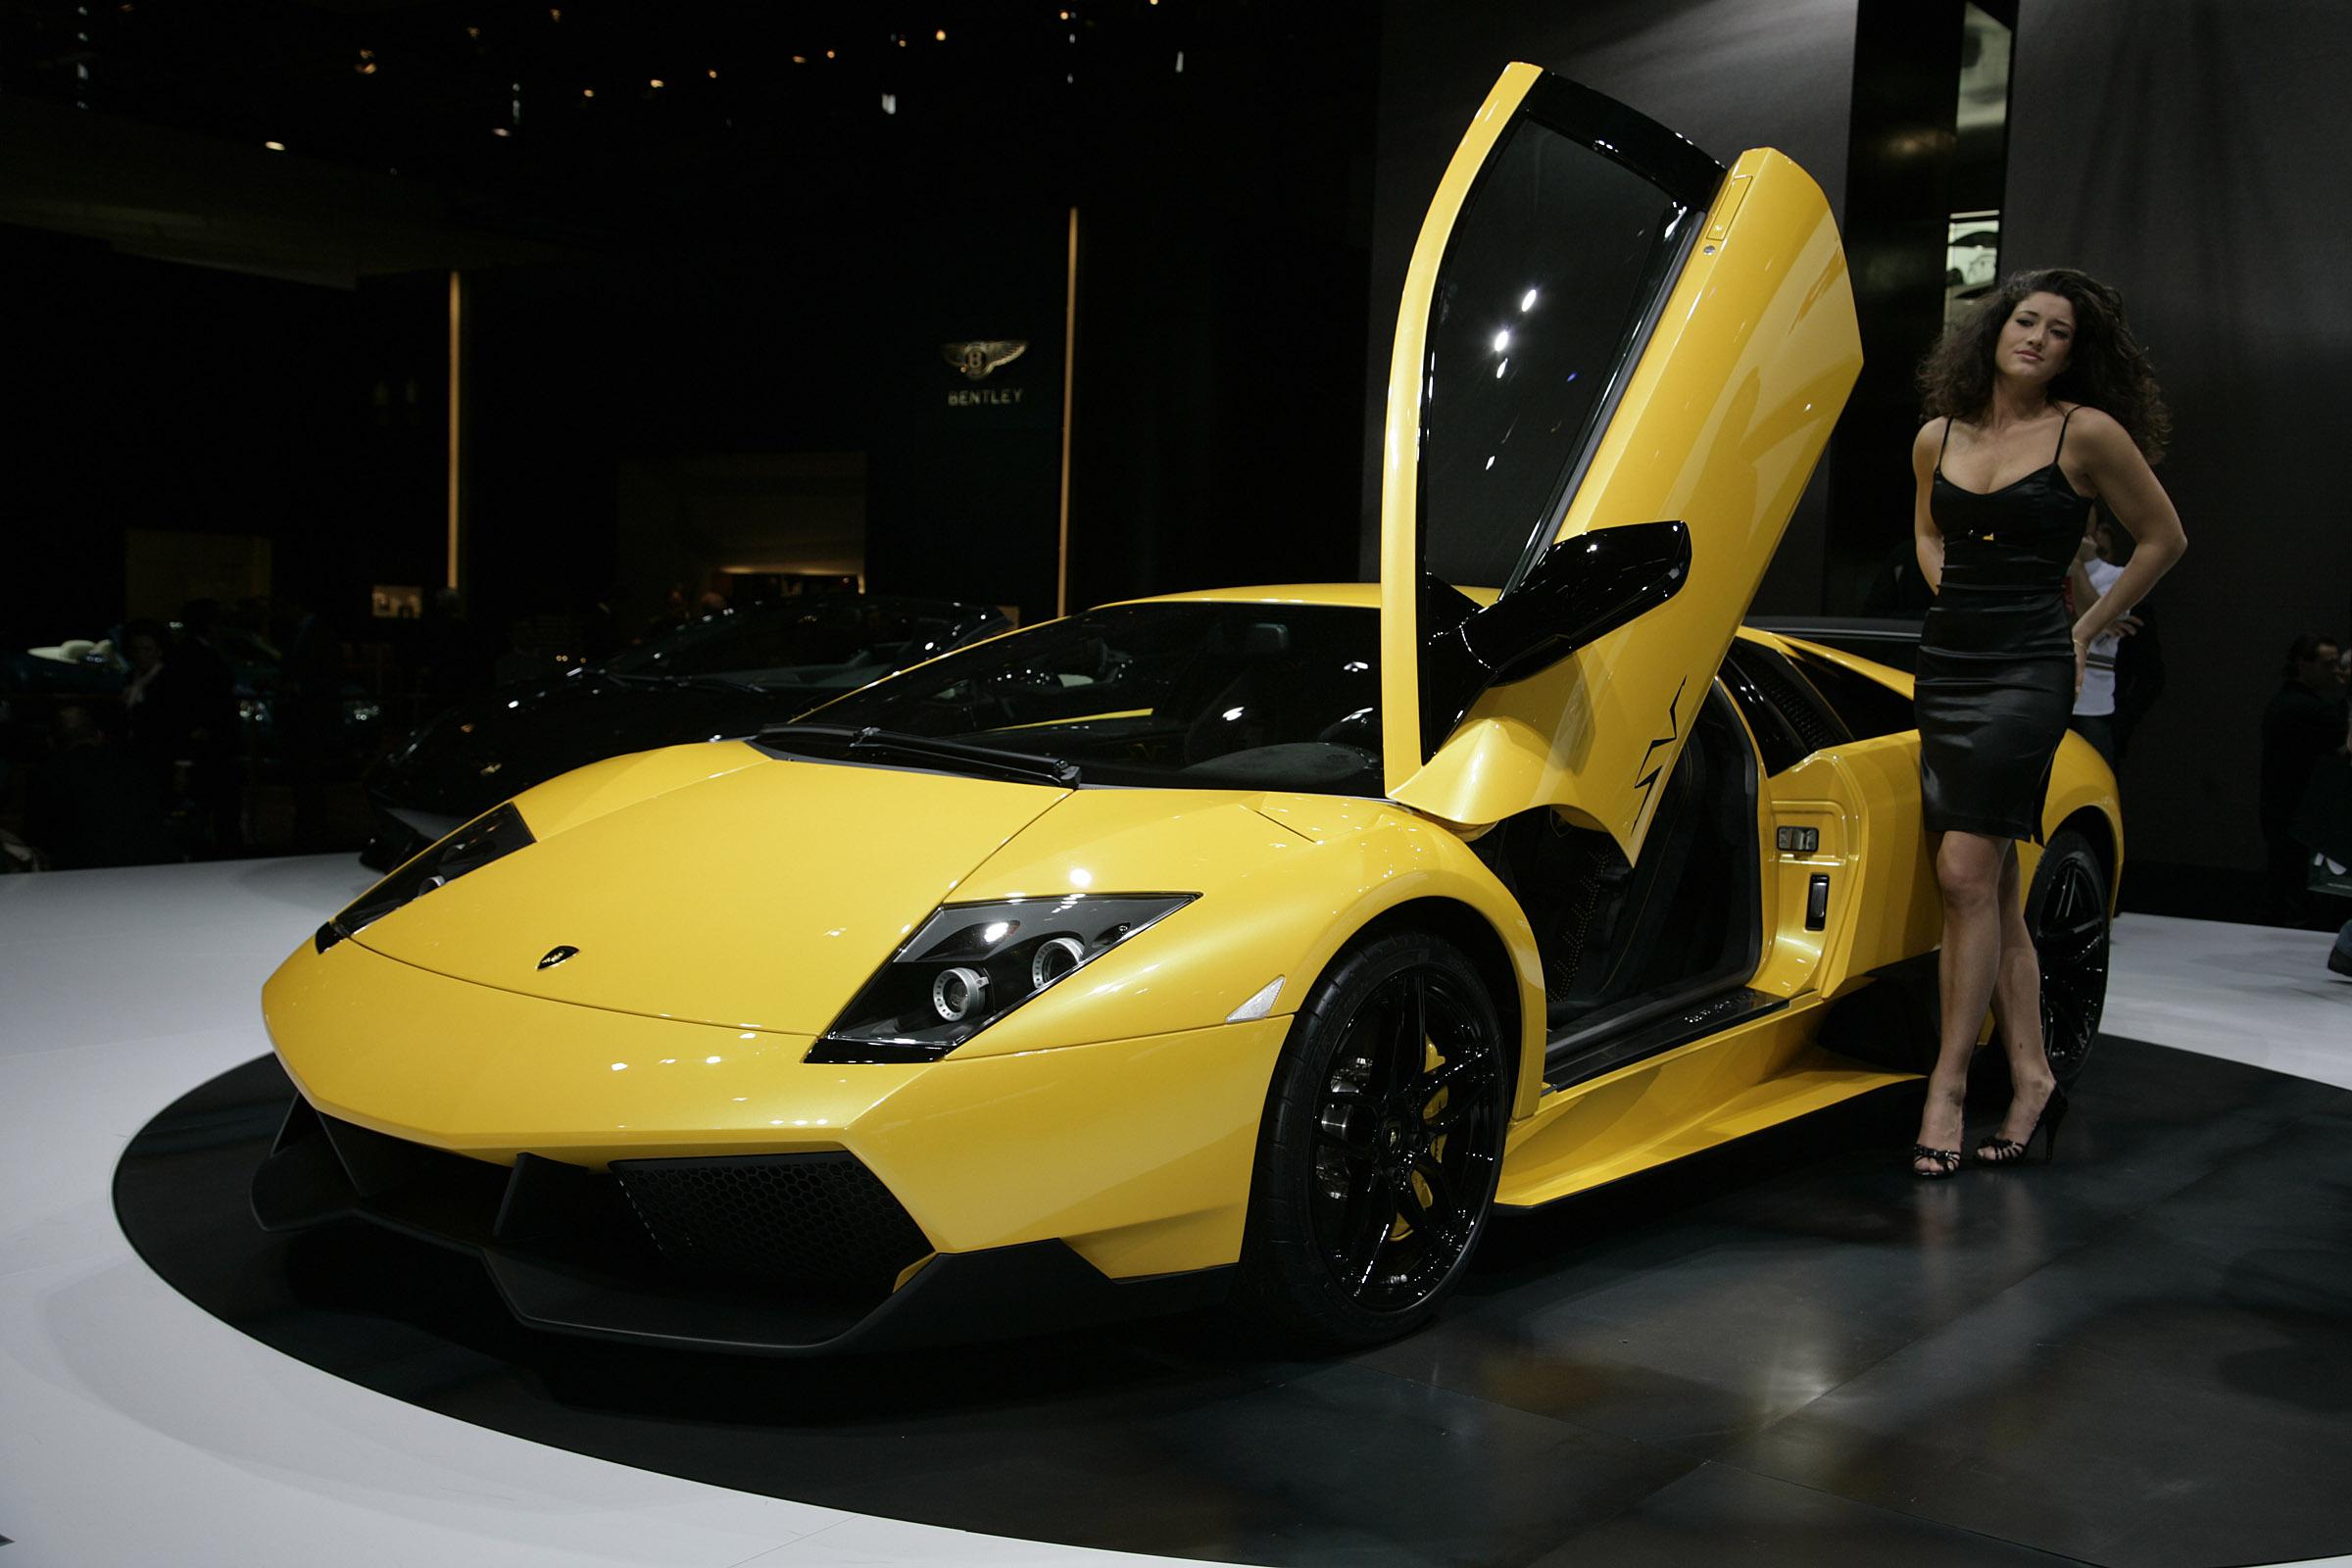 Lamborghini murcielago lp-670 4 superveloce geneva - 2009 - фотография №3